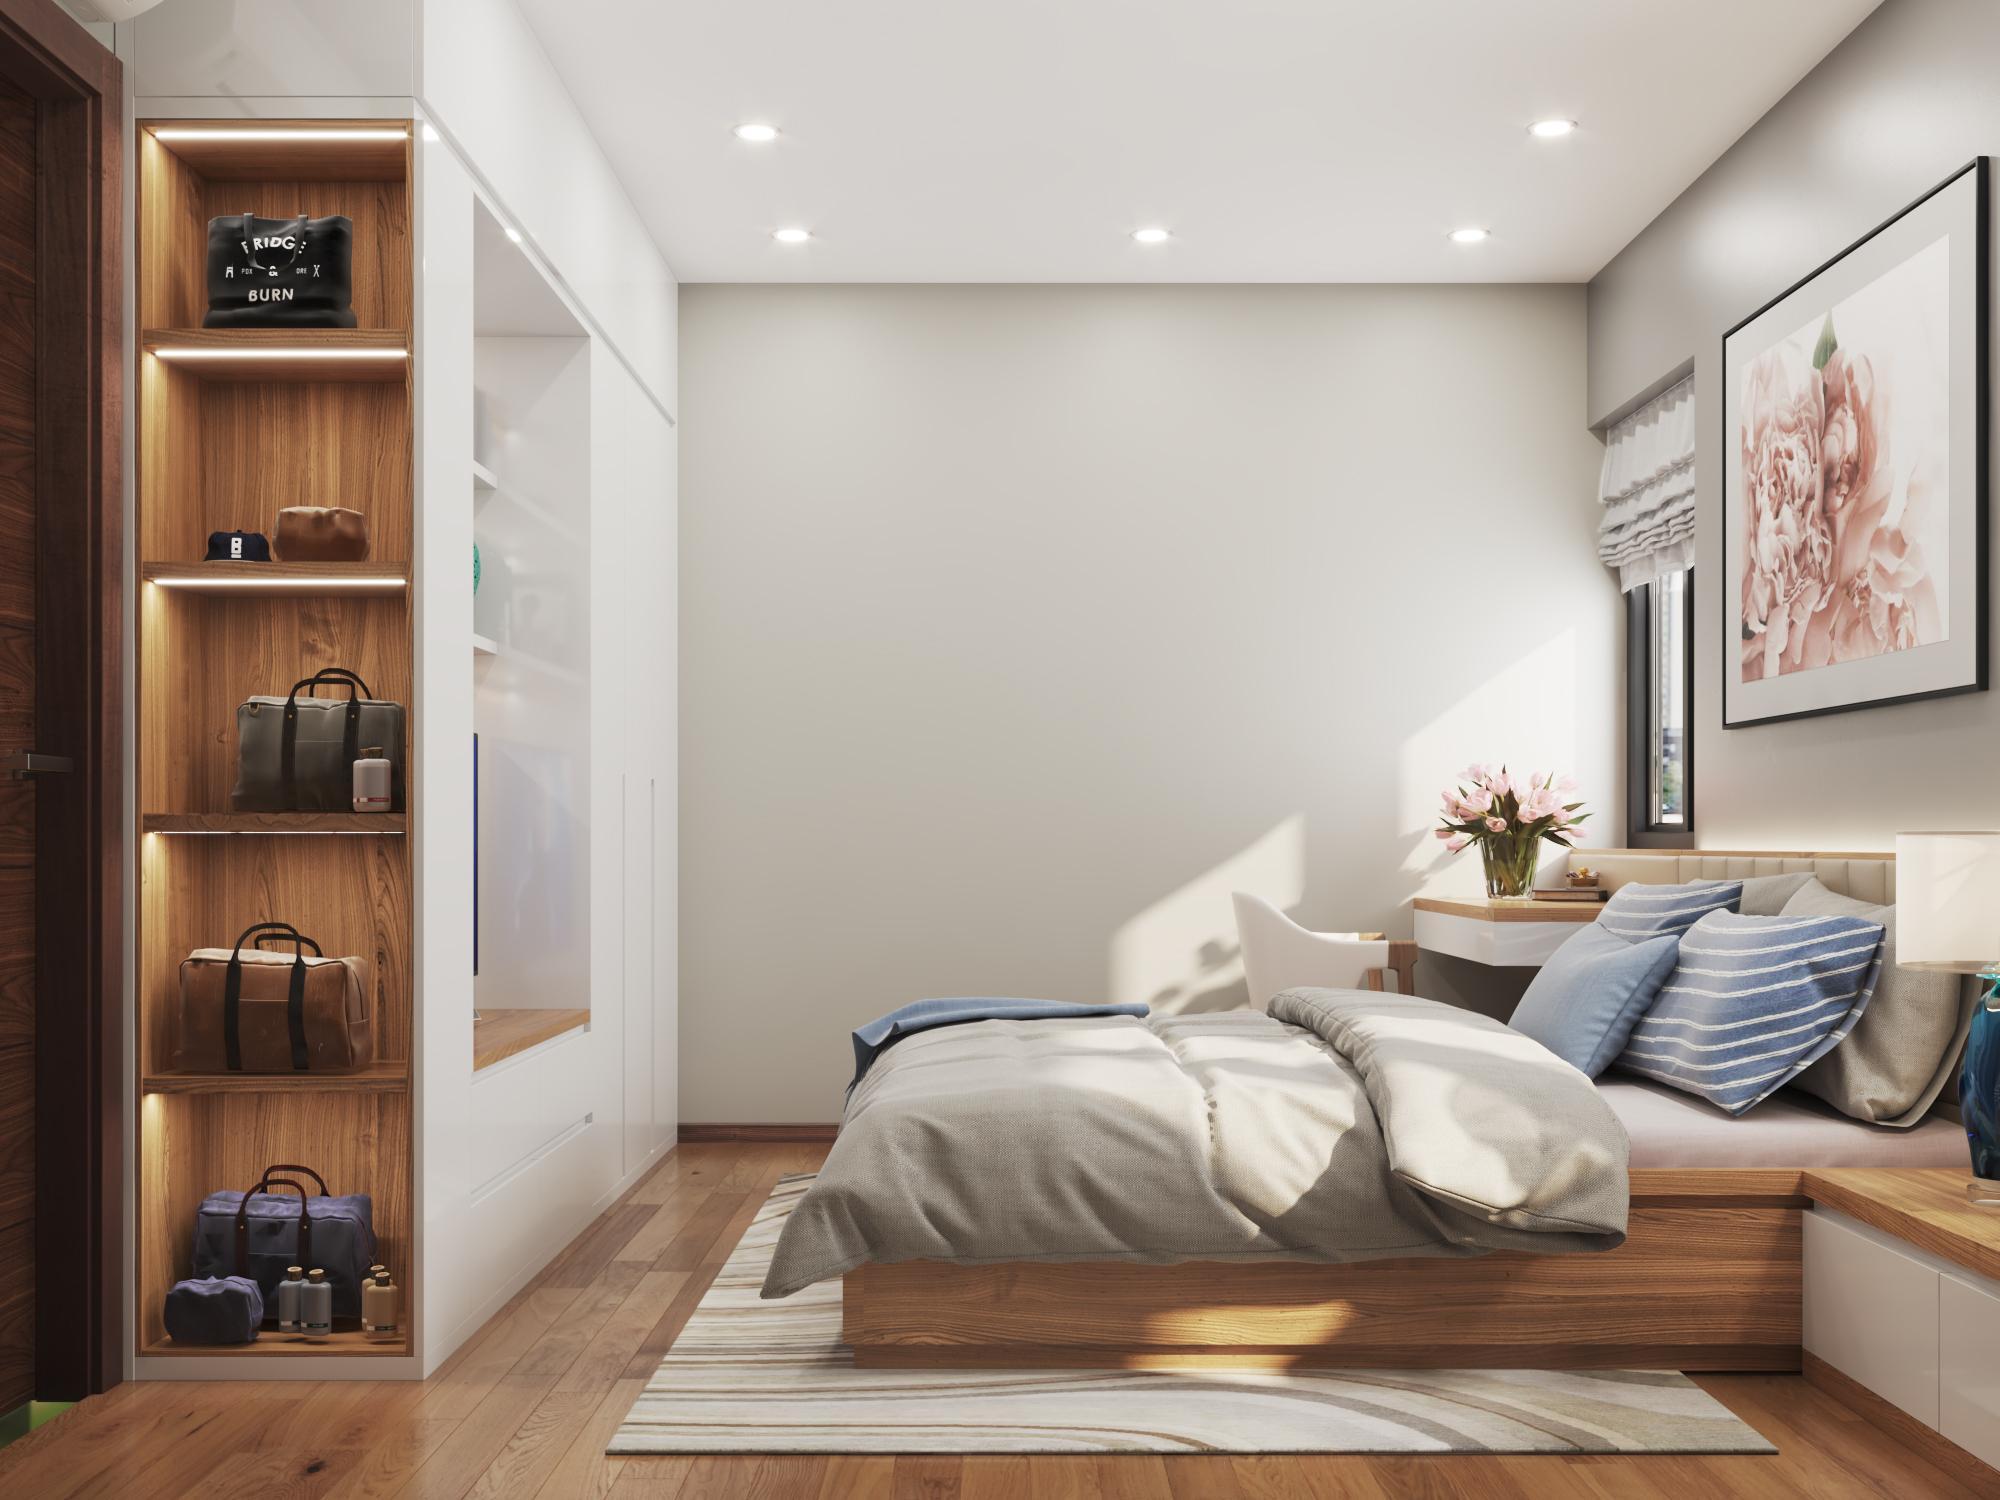 Phòng ngủ căn hộ mẫu số 10 Dự án Phú Thịnh Green Park HTV complex